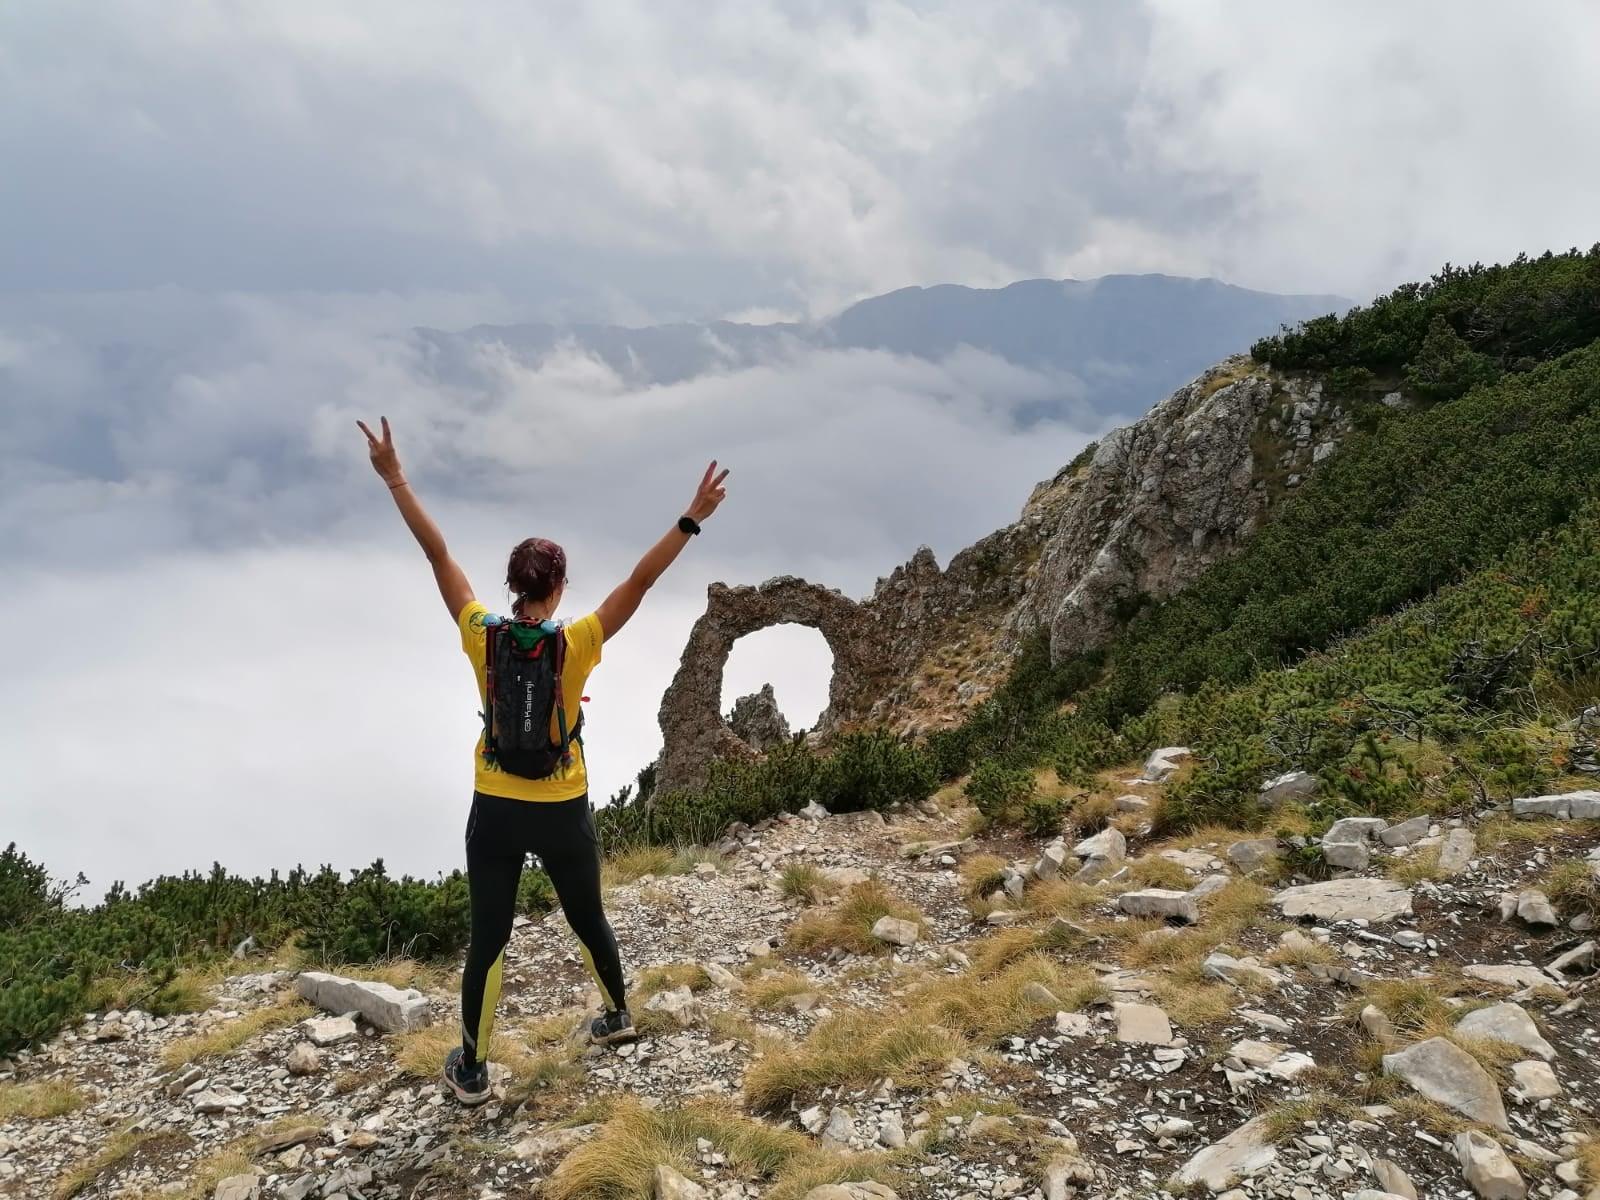 Pročitajte više o članku Odlični nastupi Dračara na Čvrsnici Ultra Trailu!